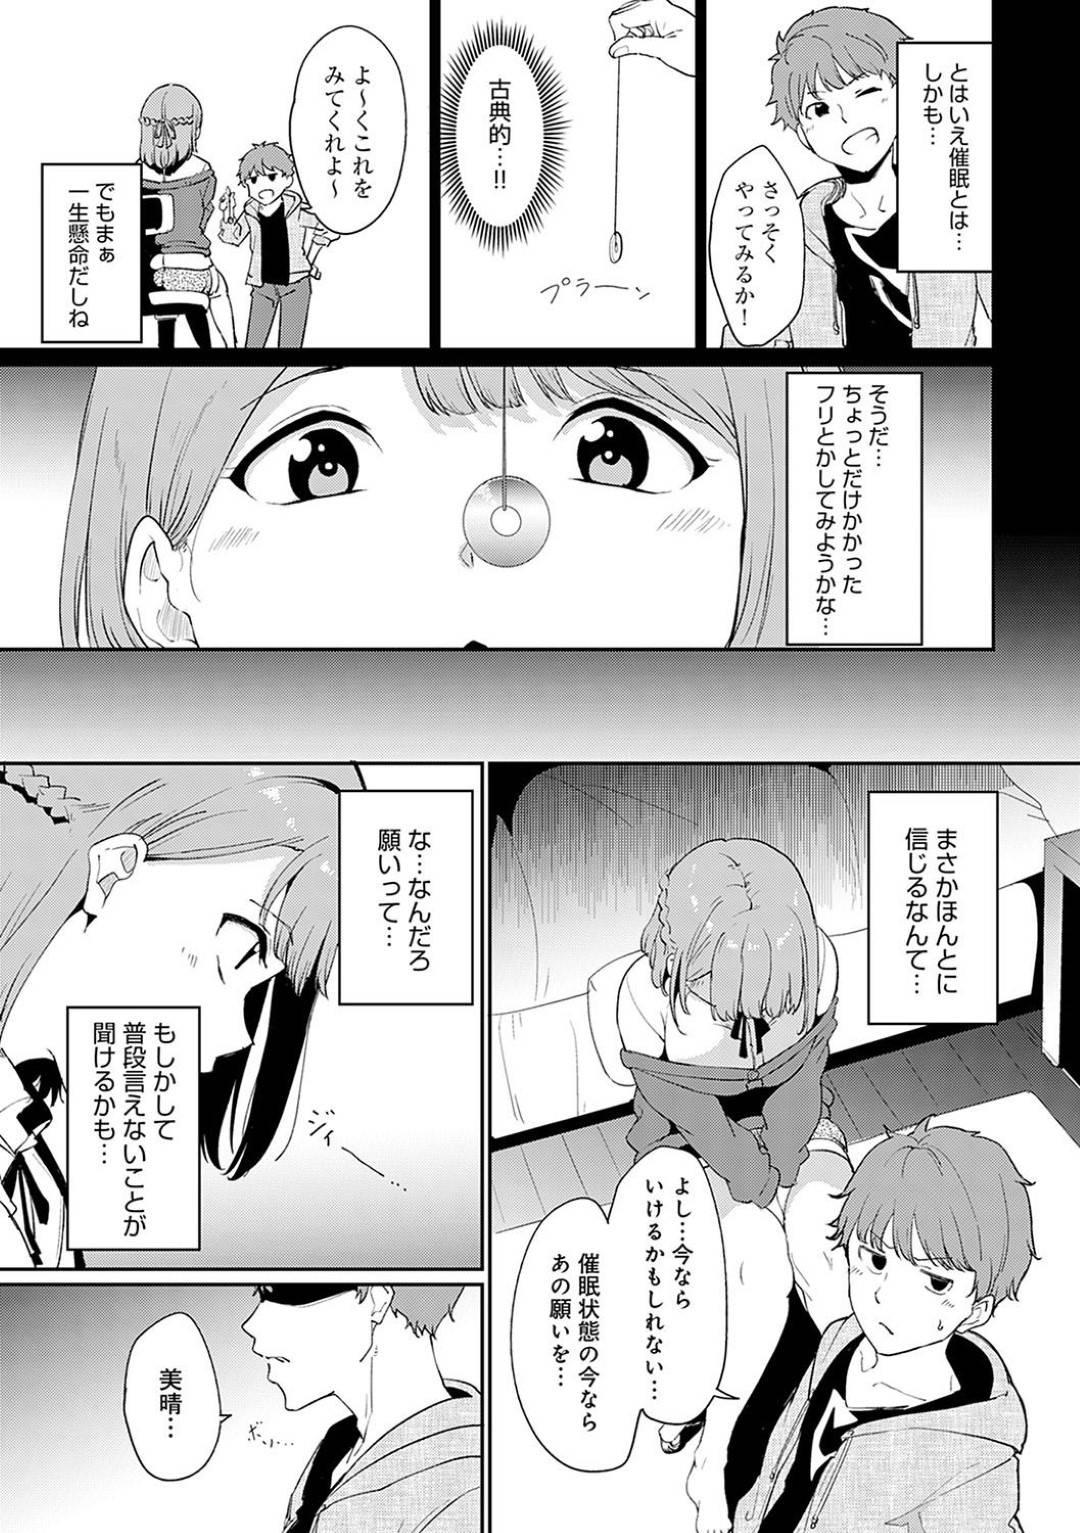 【エロ漫画】何事も一生懸命な彼氏の催眠術にかかったフリをした巨乳彼女…彼氏が言ったお願いはおっぱいを見せることだった!恥ずかしがりながらも脱ぎパイズリ!お互い抑えられずそのまま中出しセックス!【あるぷ】